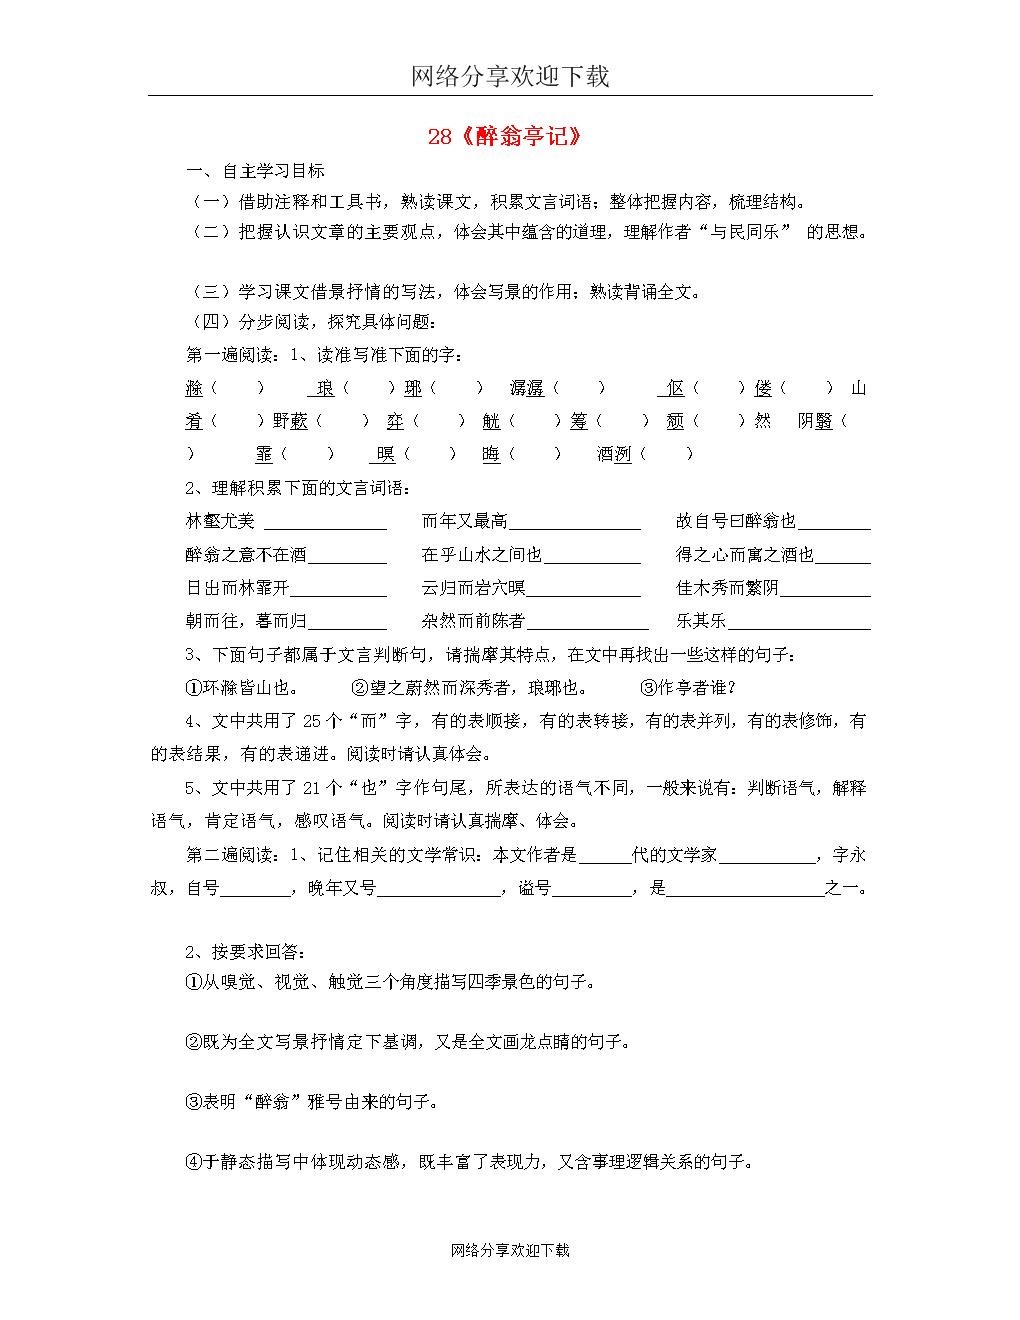 上海五四制语文九年级上册《27醉翁亭记》教案 (3).doc